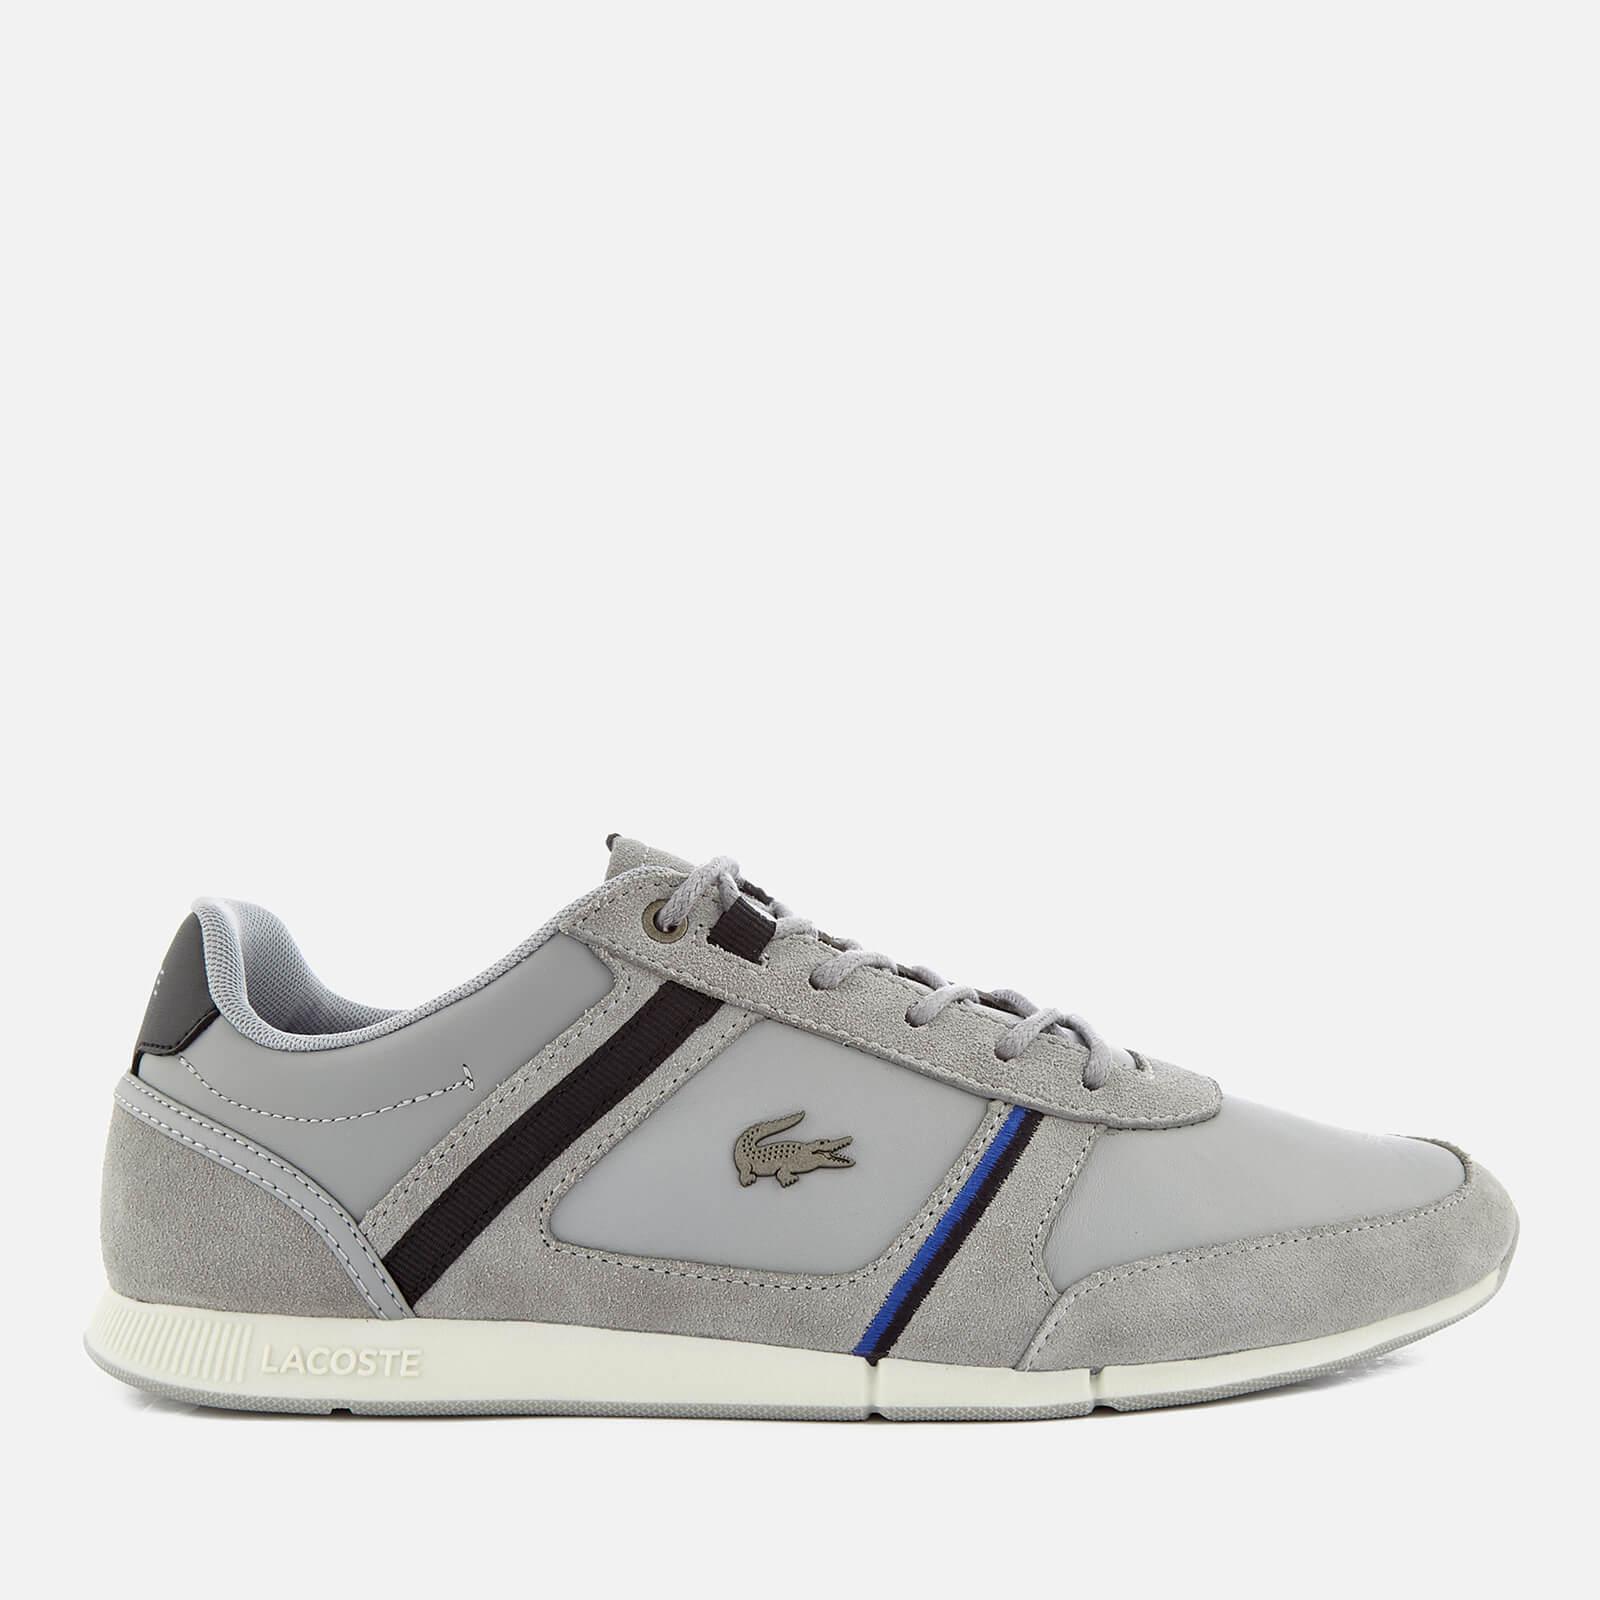 Menerva 118 1 Trainers in Grey